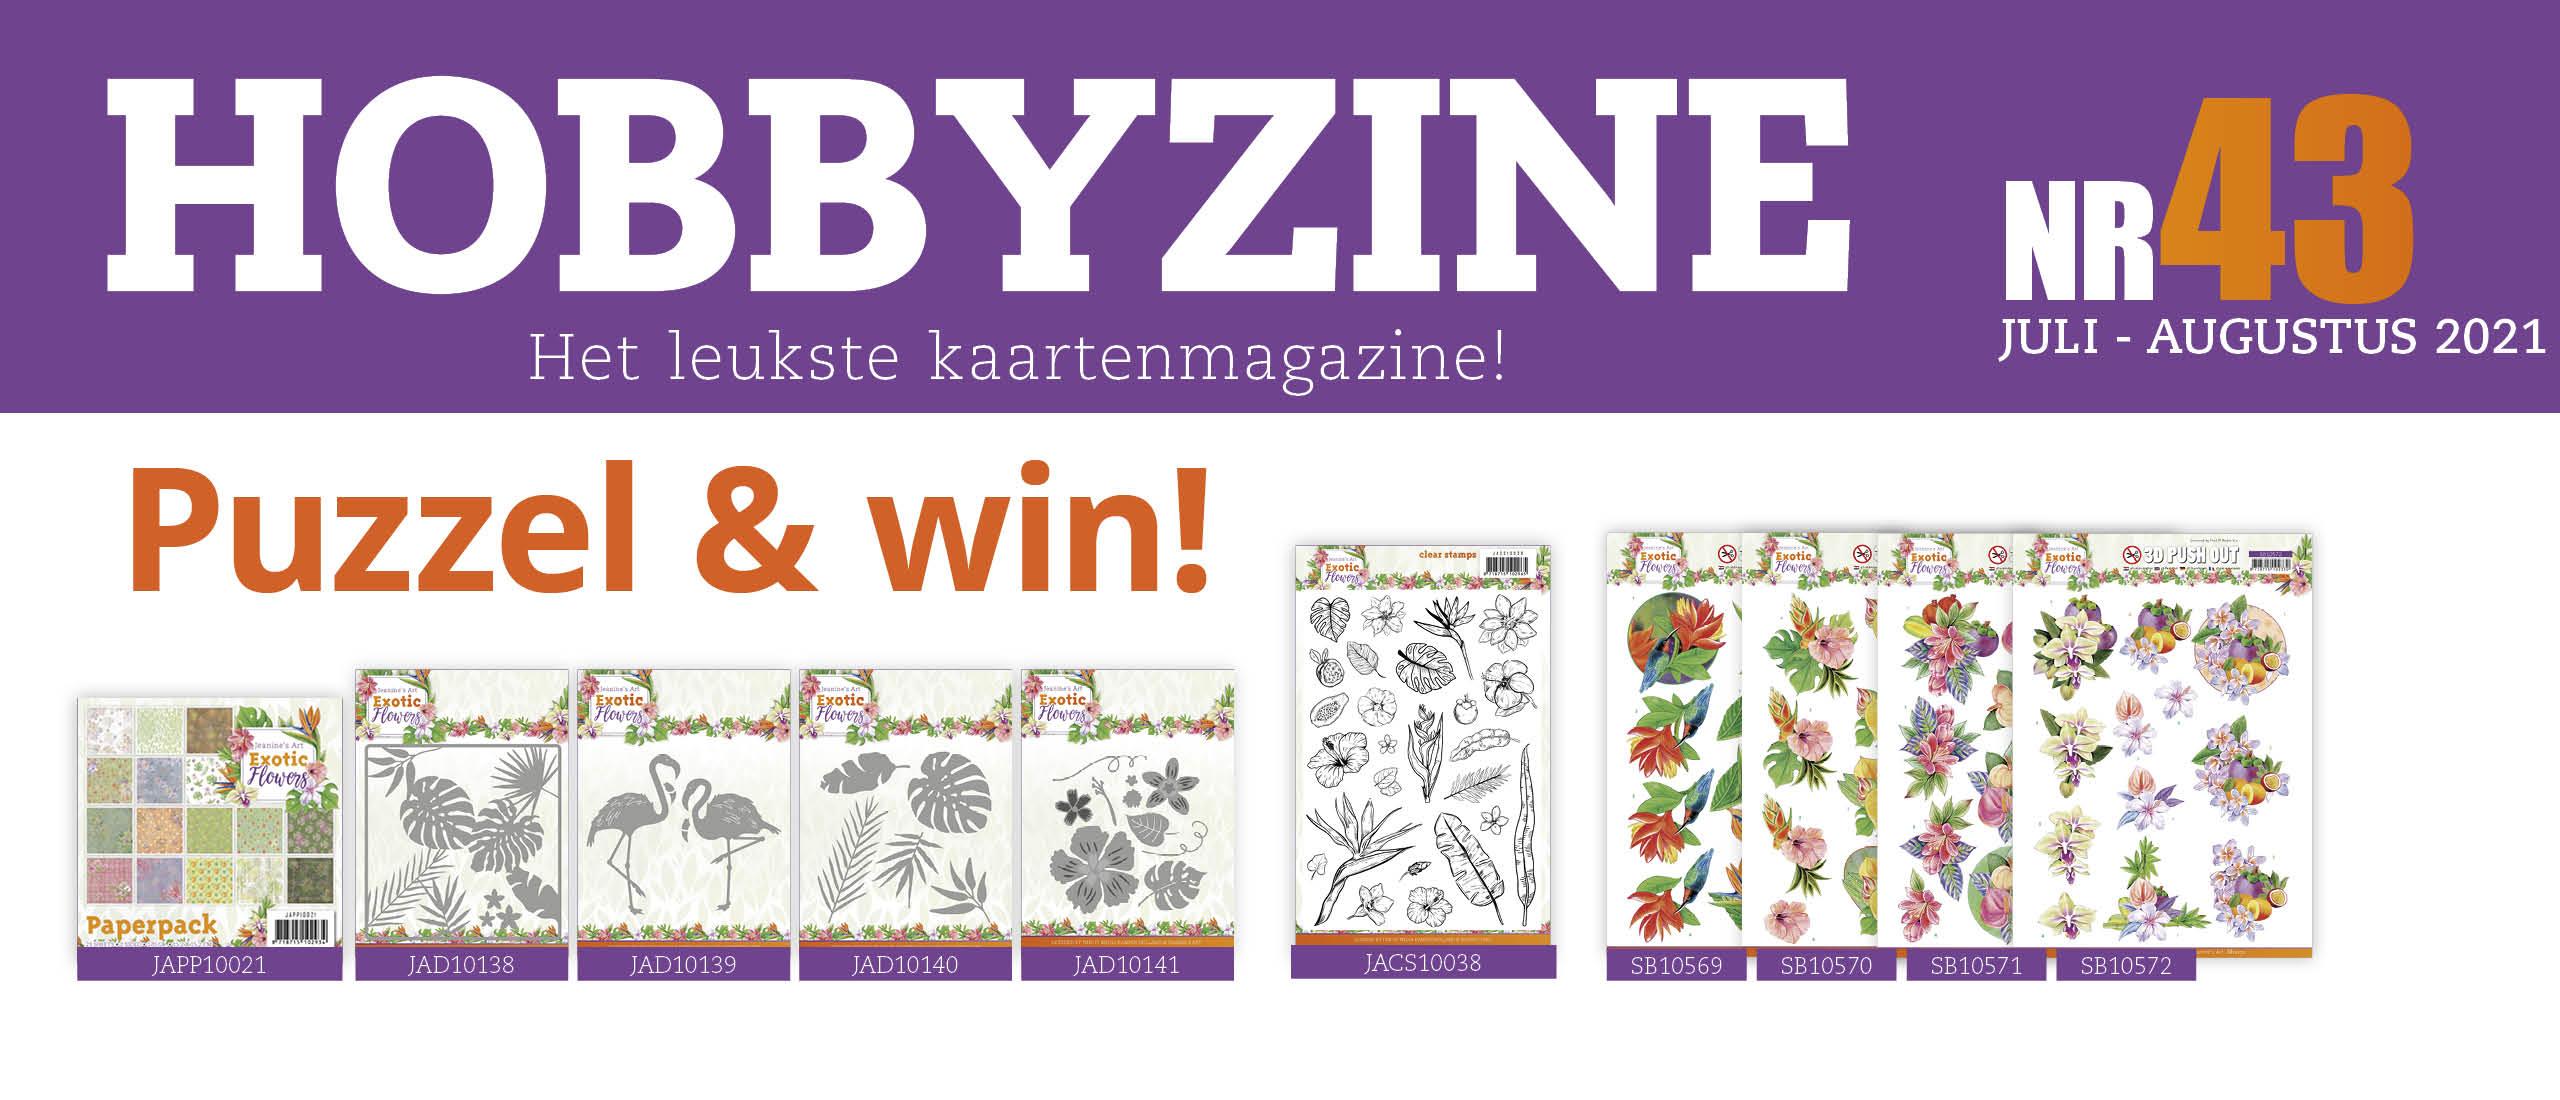 Puzzel en win Hobbyzine 43